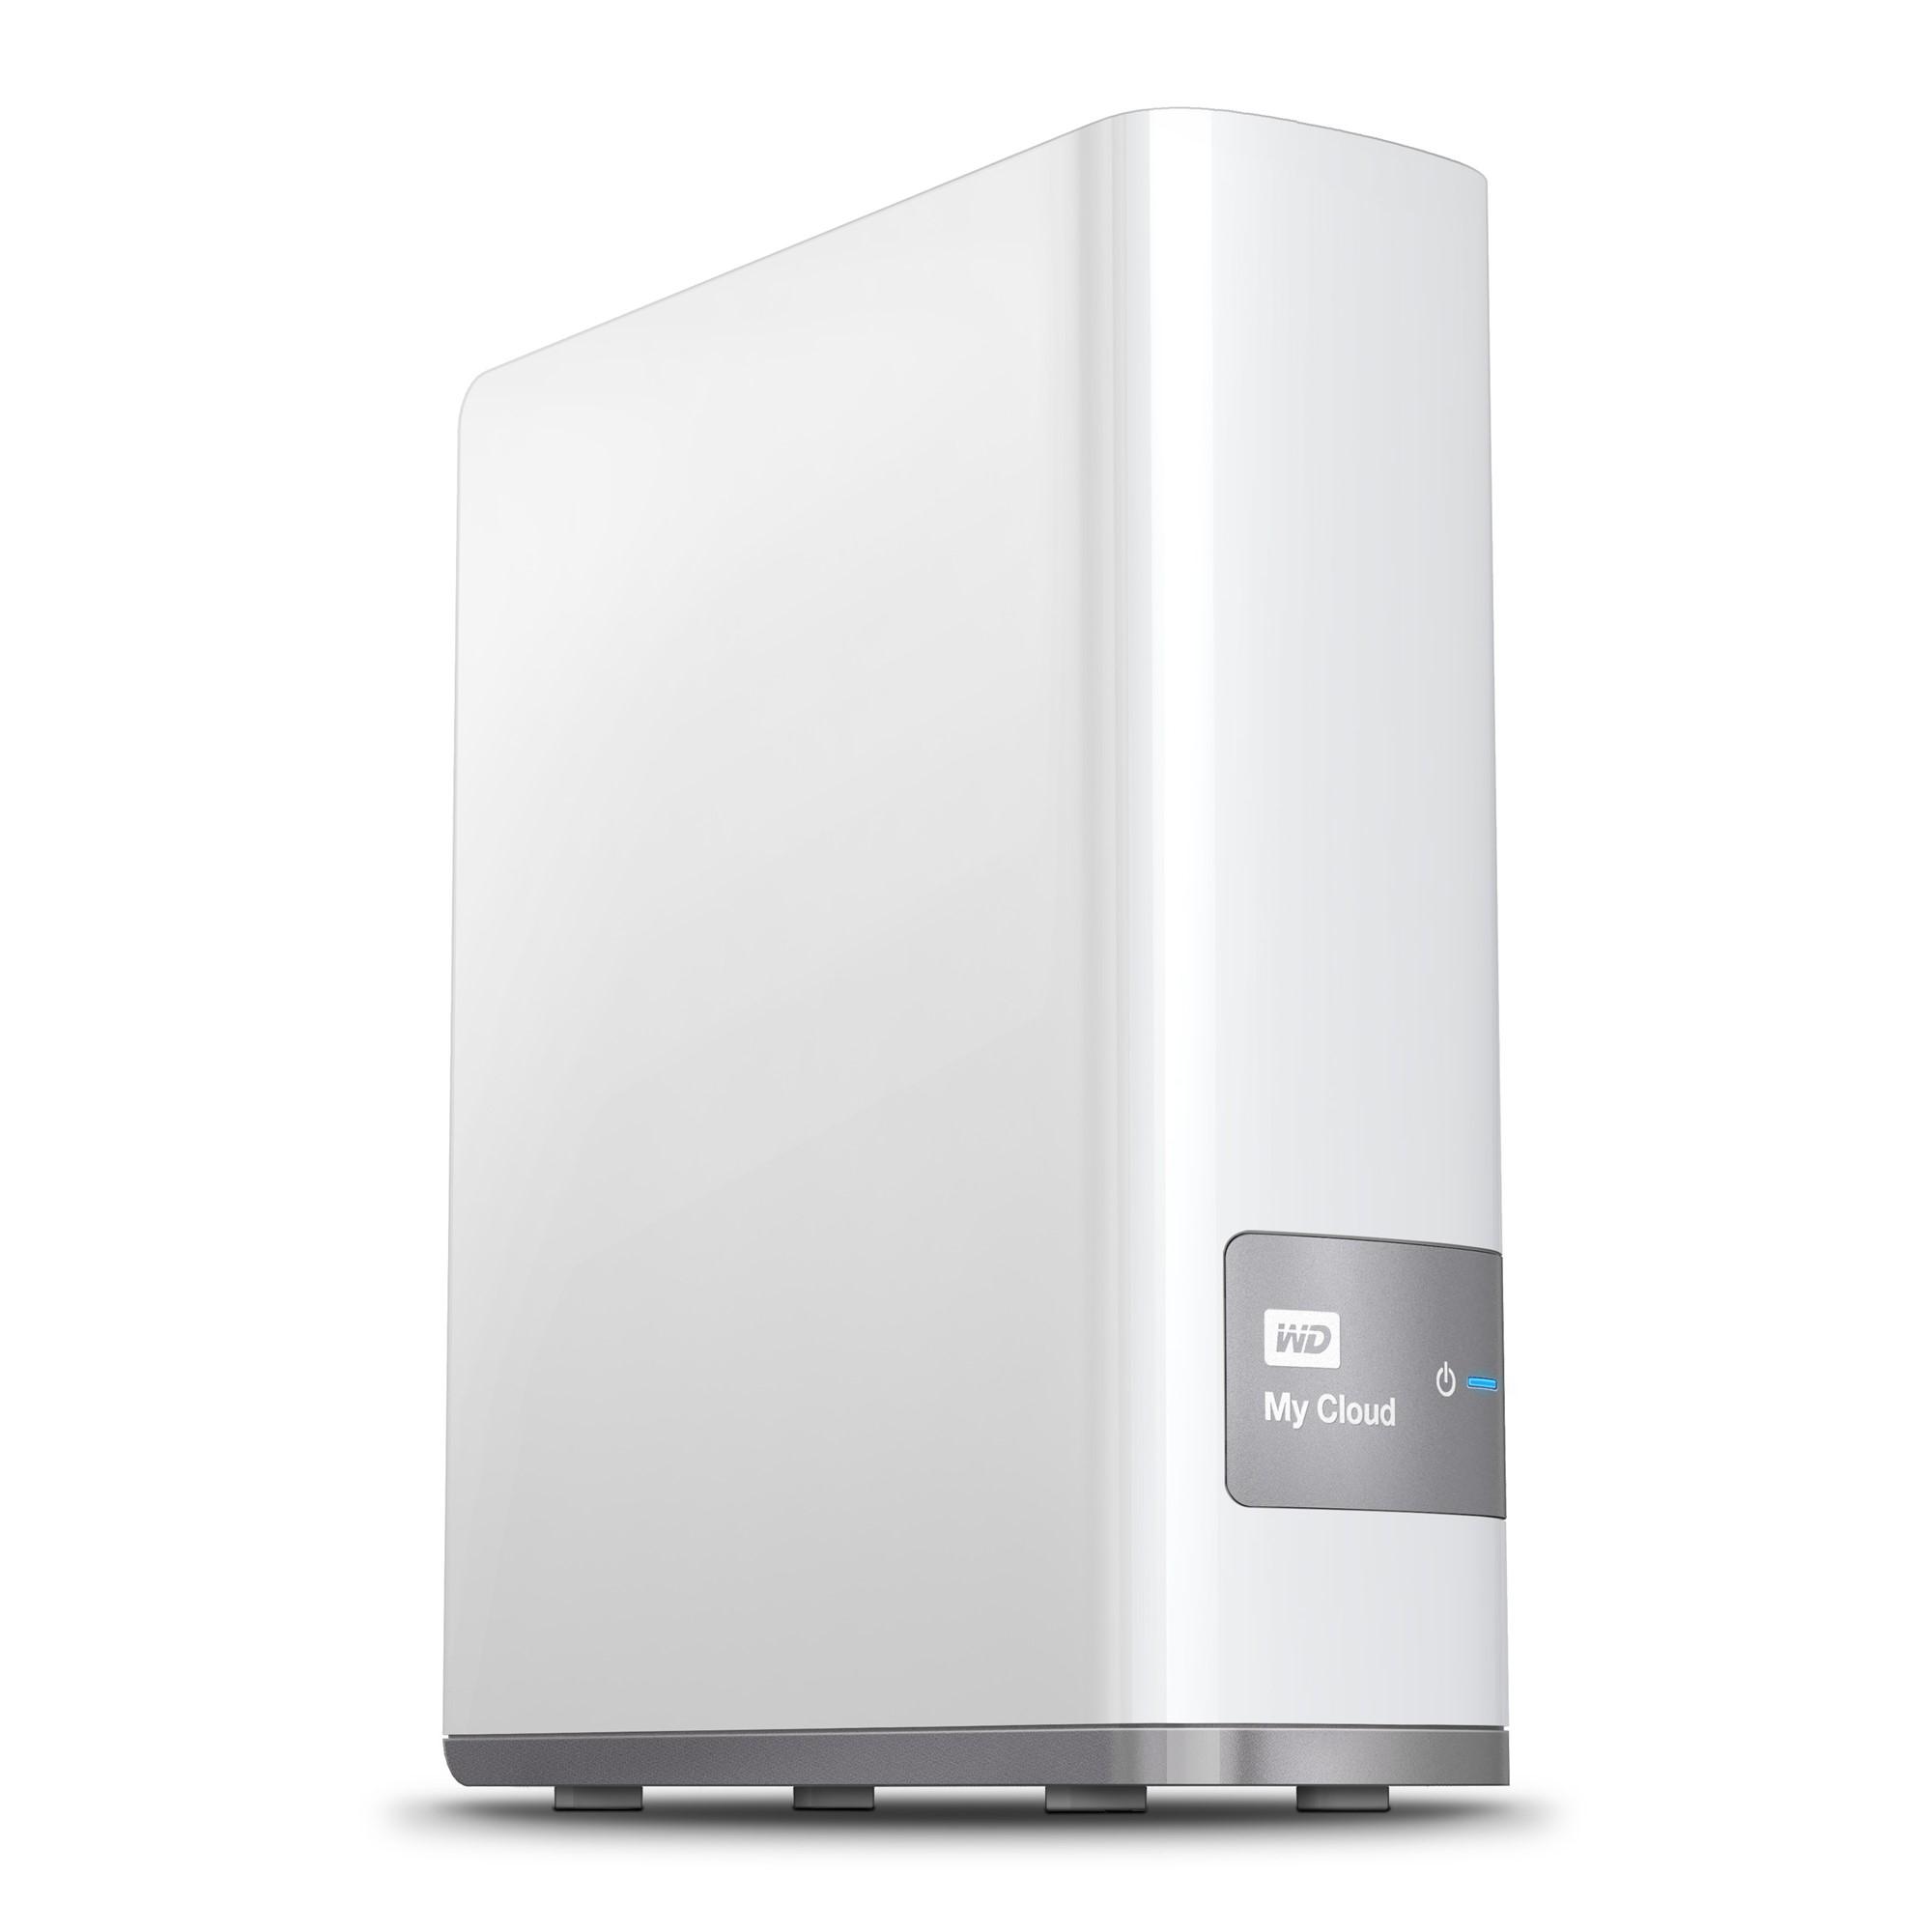 Schema Collegamento Ethernet : Western digital my cloud 6tb collegamento ethernet lan bianco